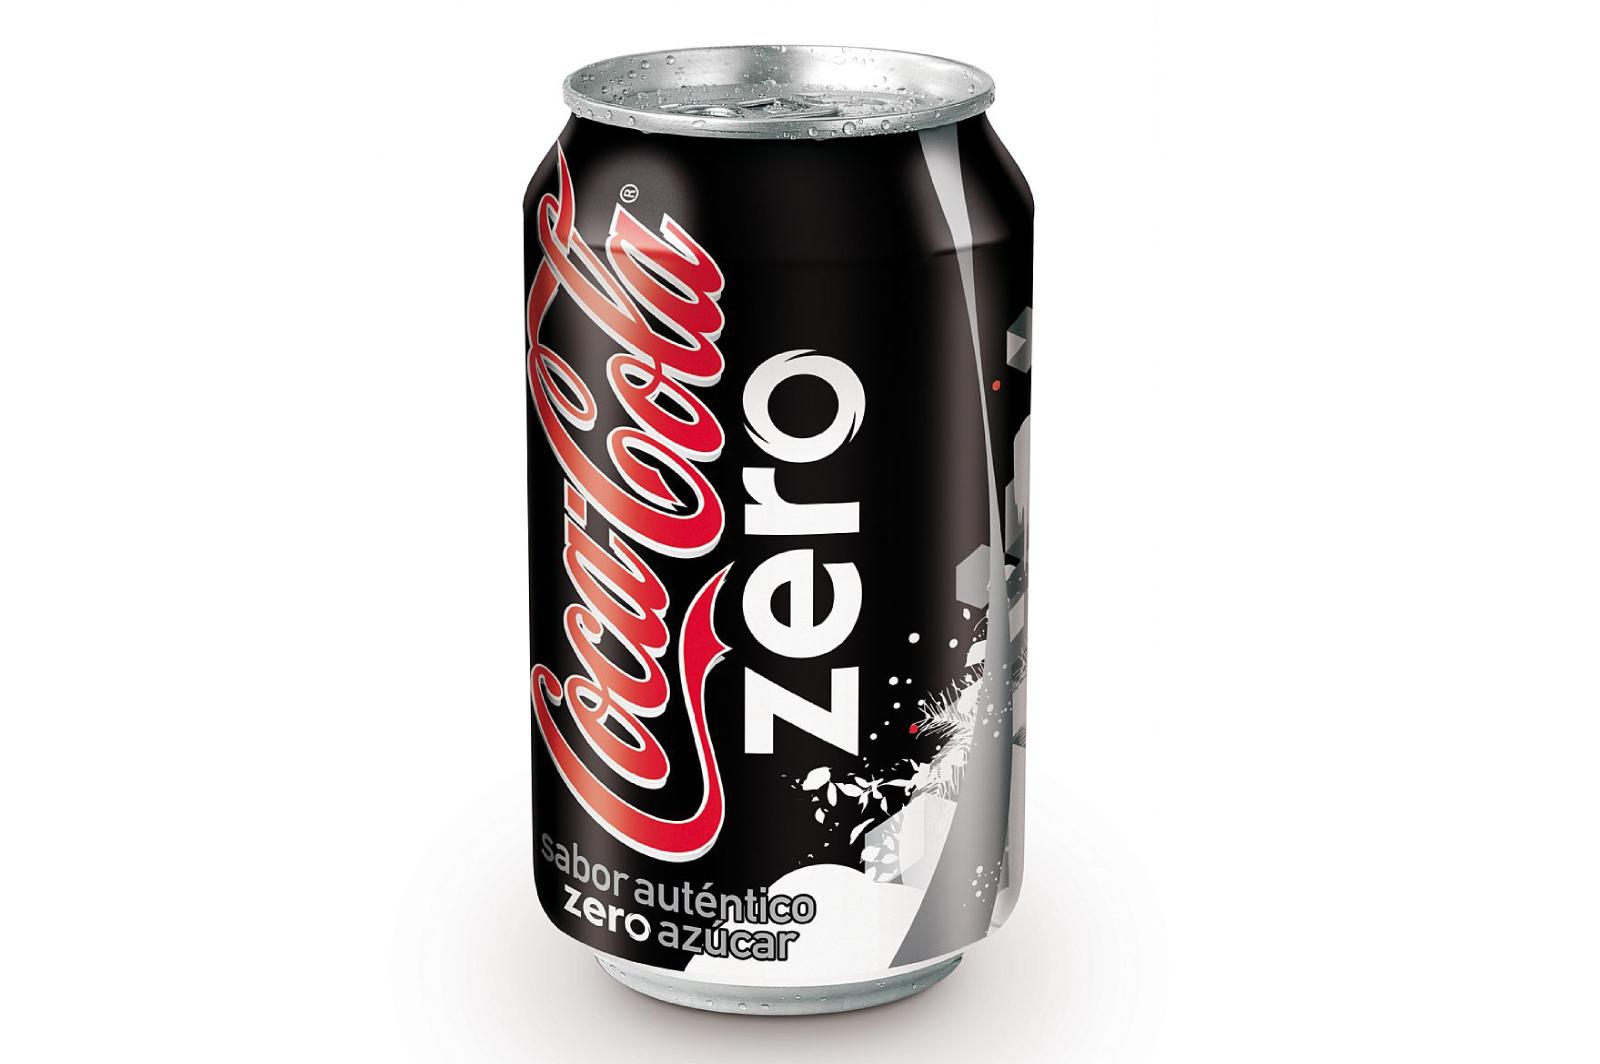 ZERO (33cl)